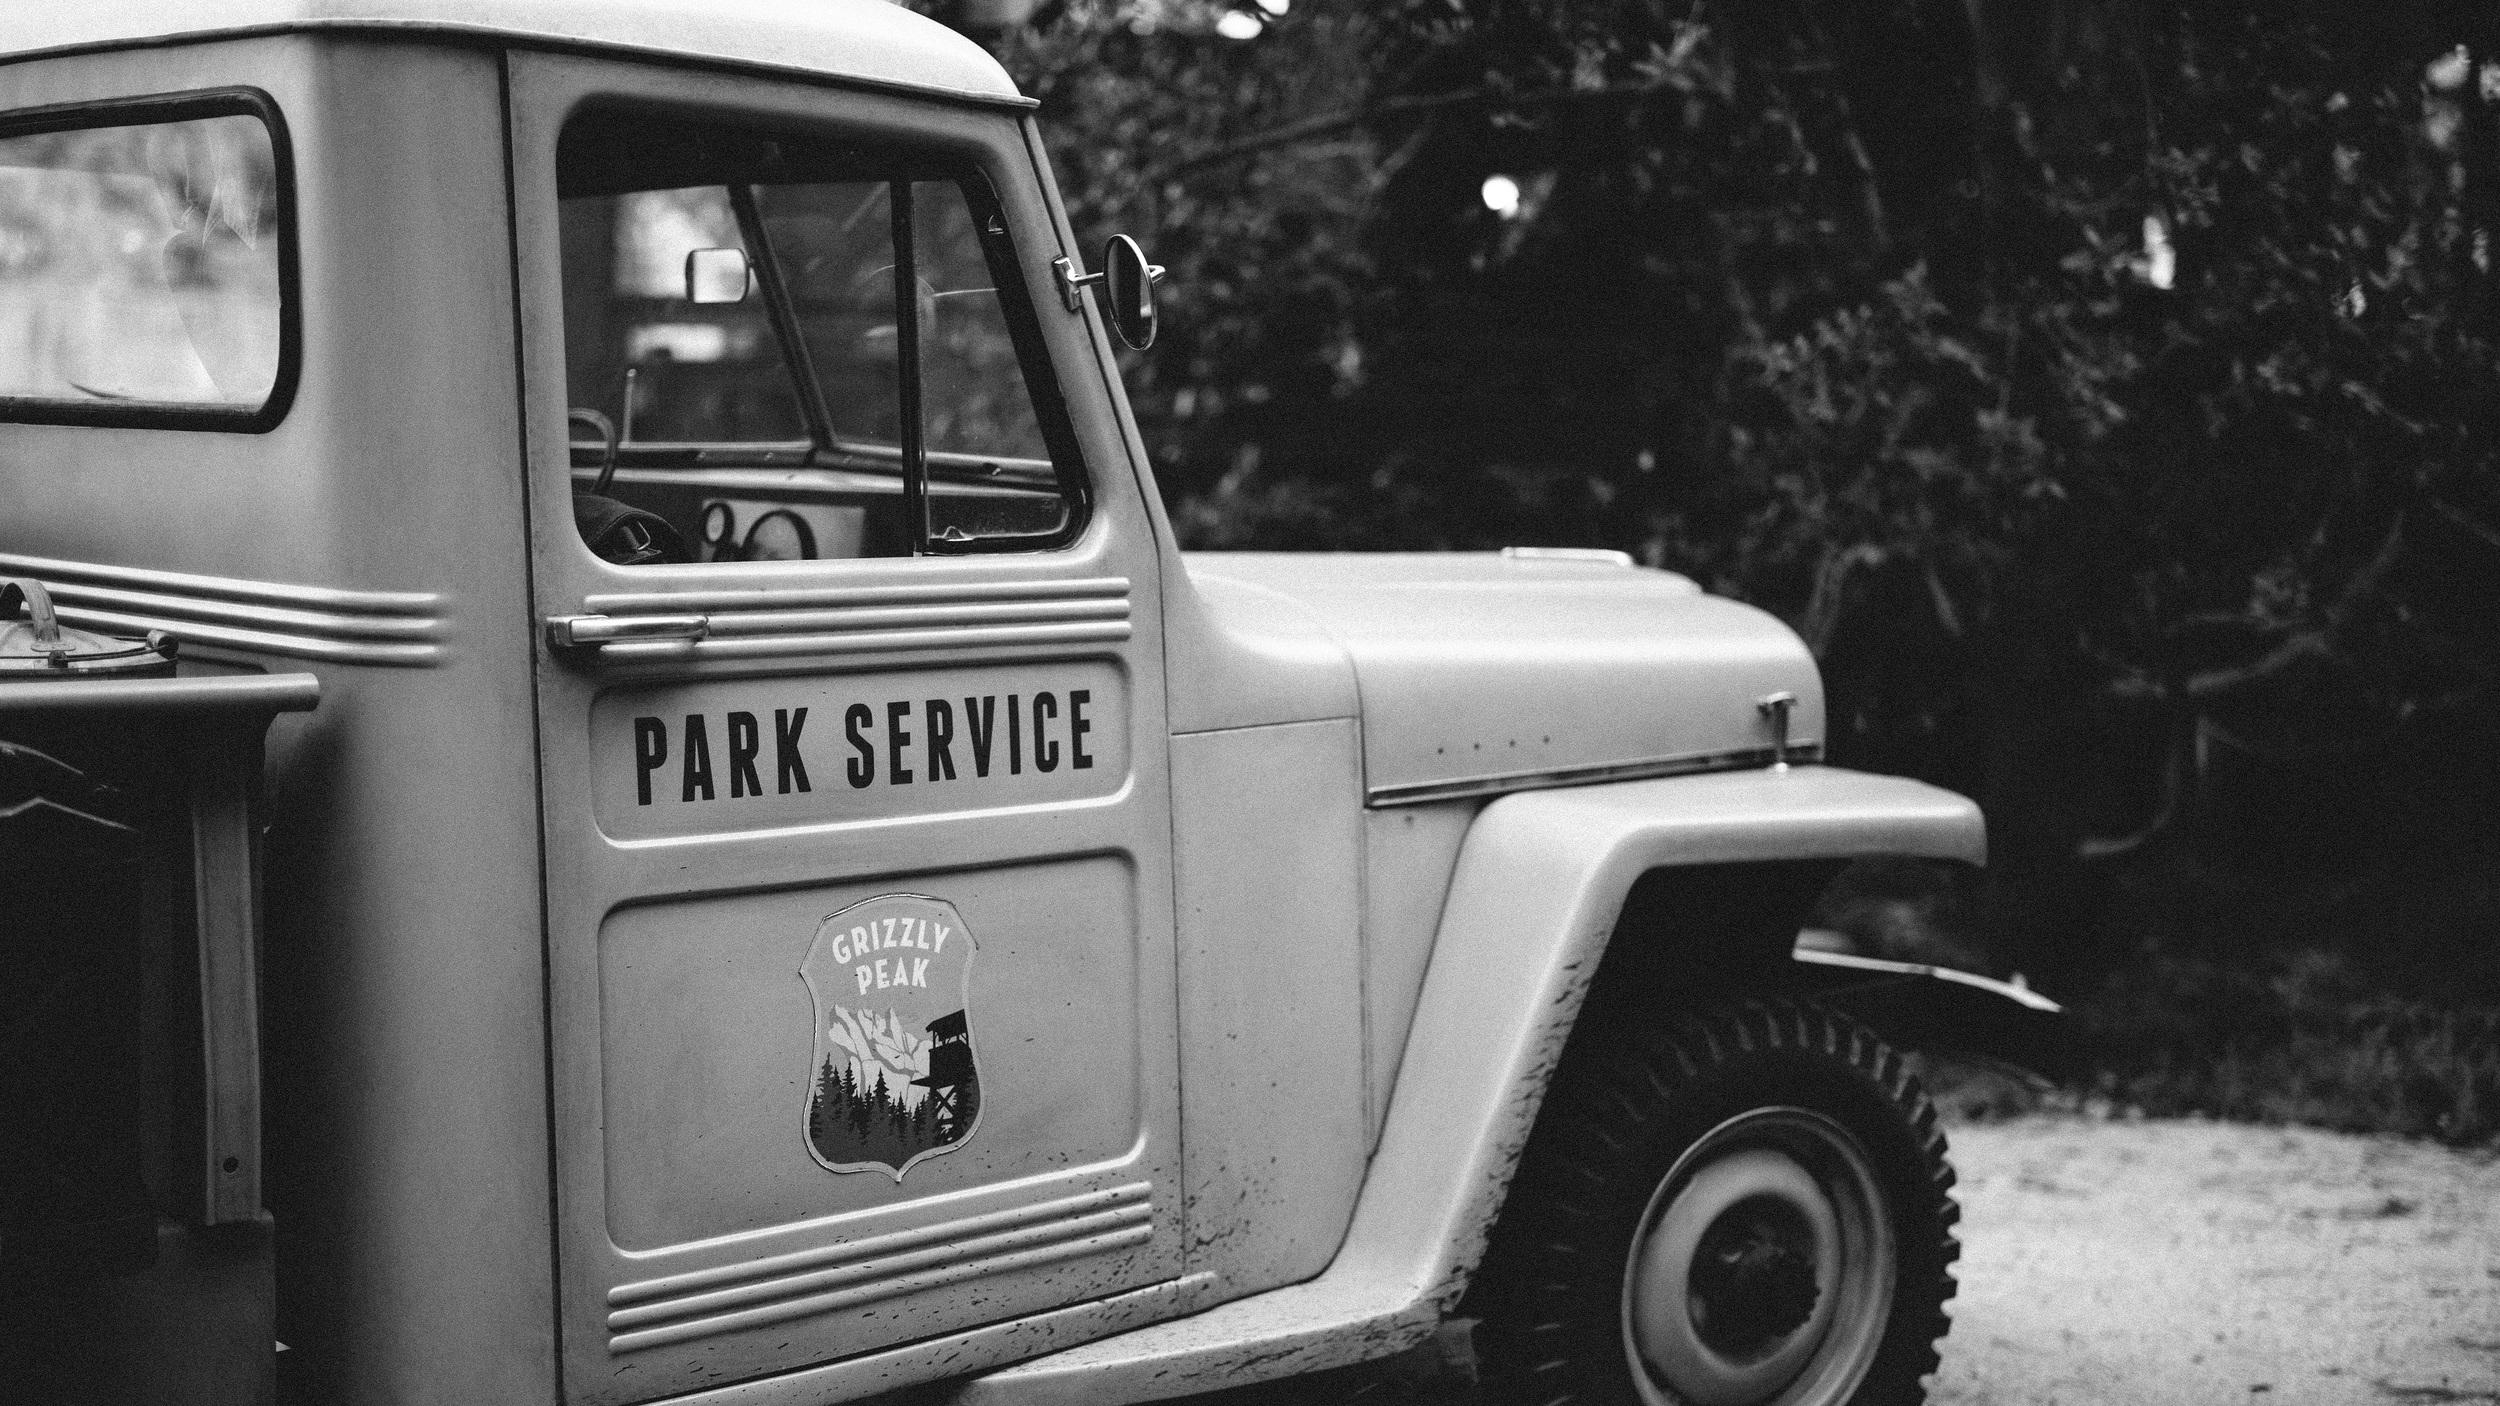 Grizzly Peak Park Service (B&W)